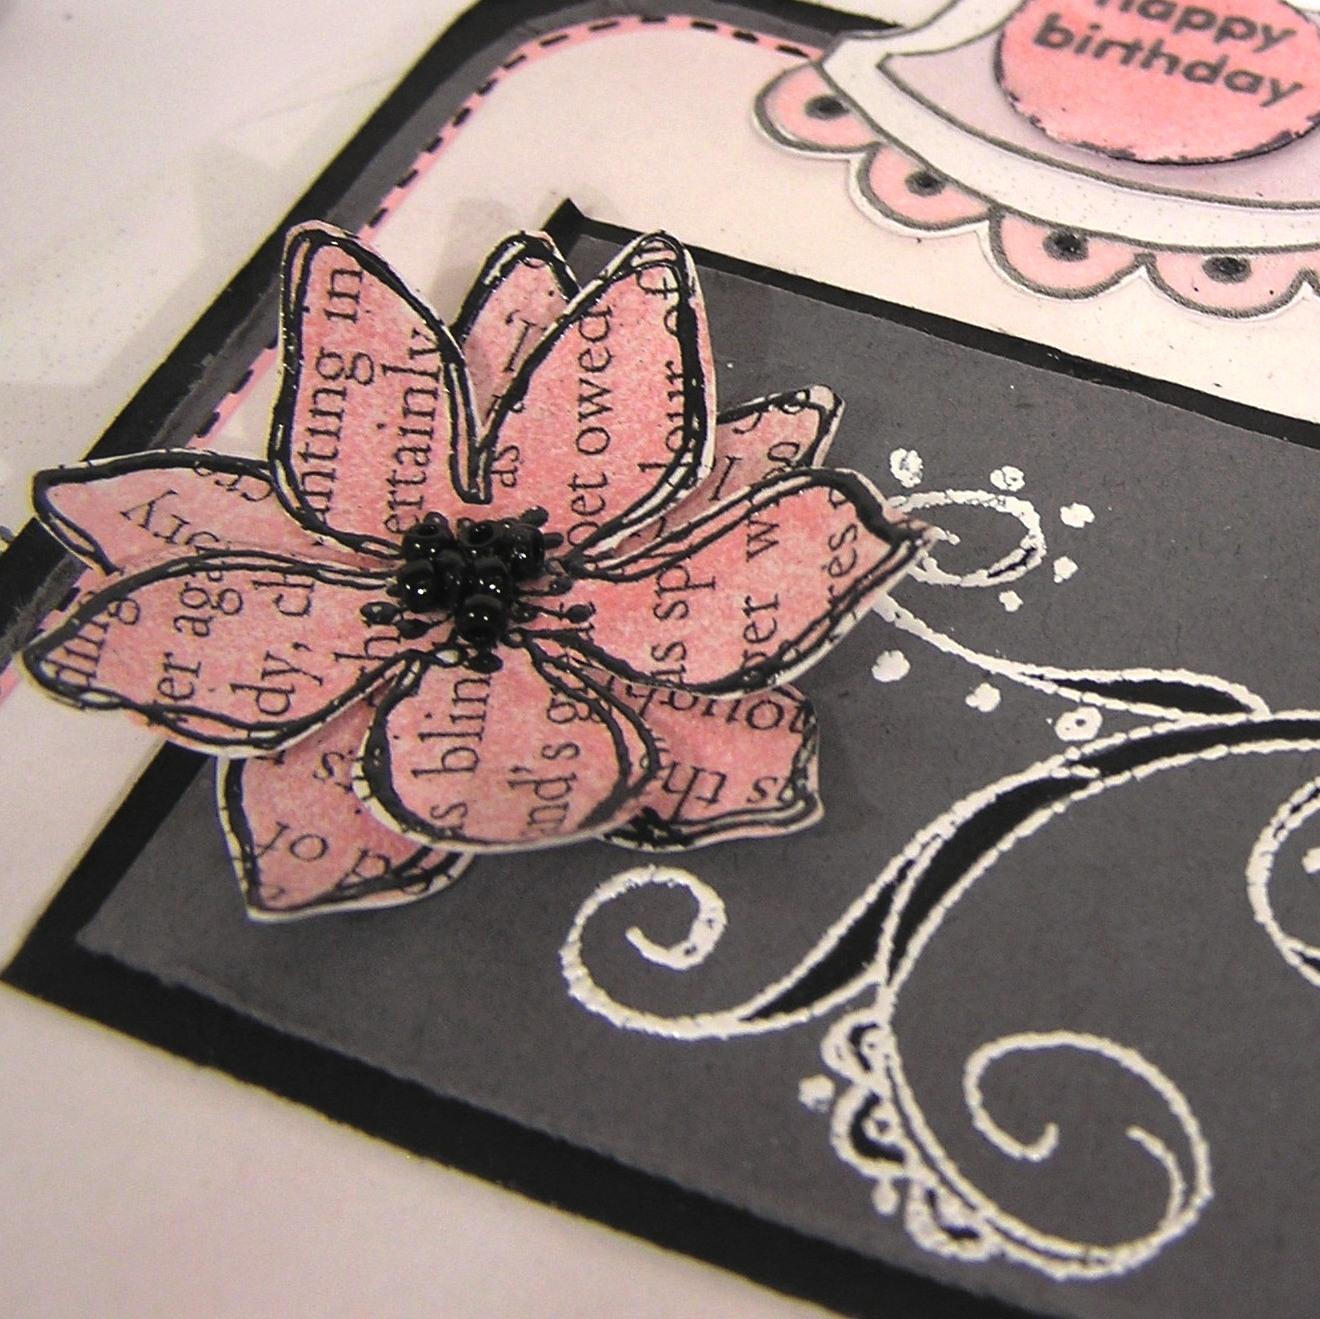 [pink+text+flower.JPG]